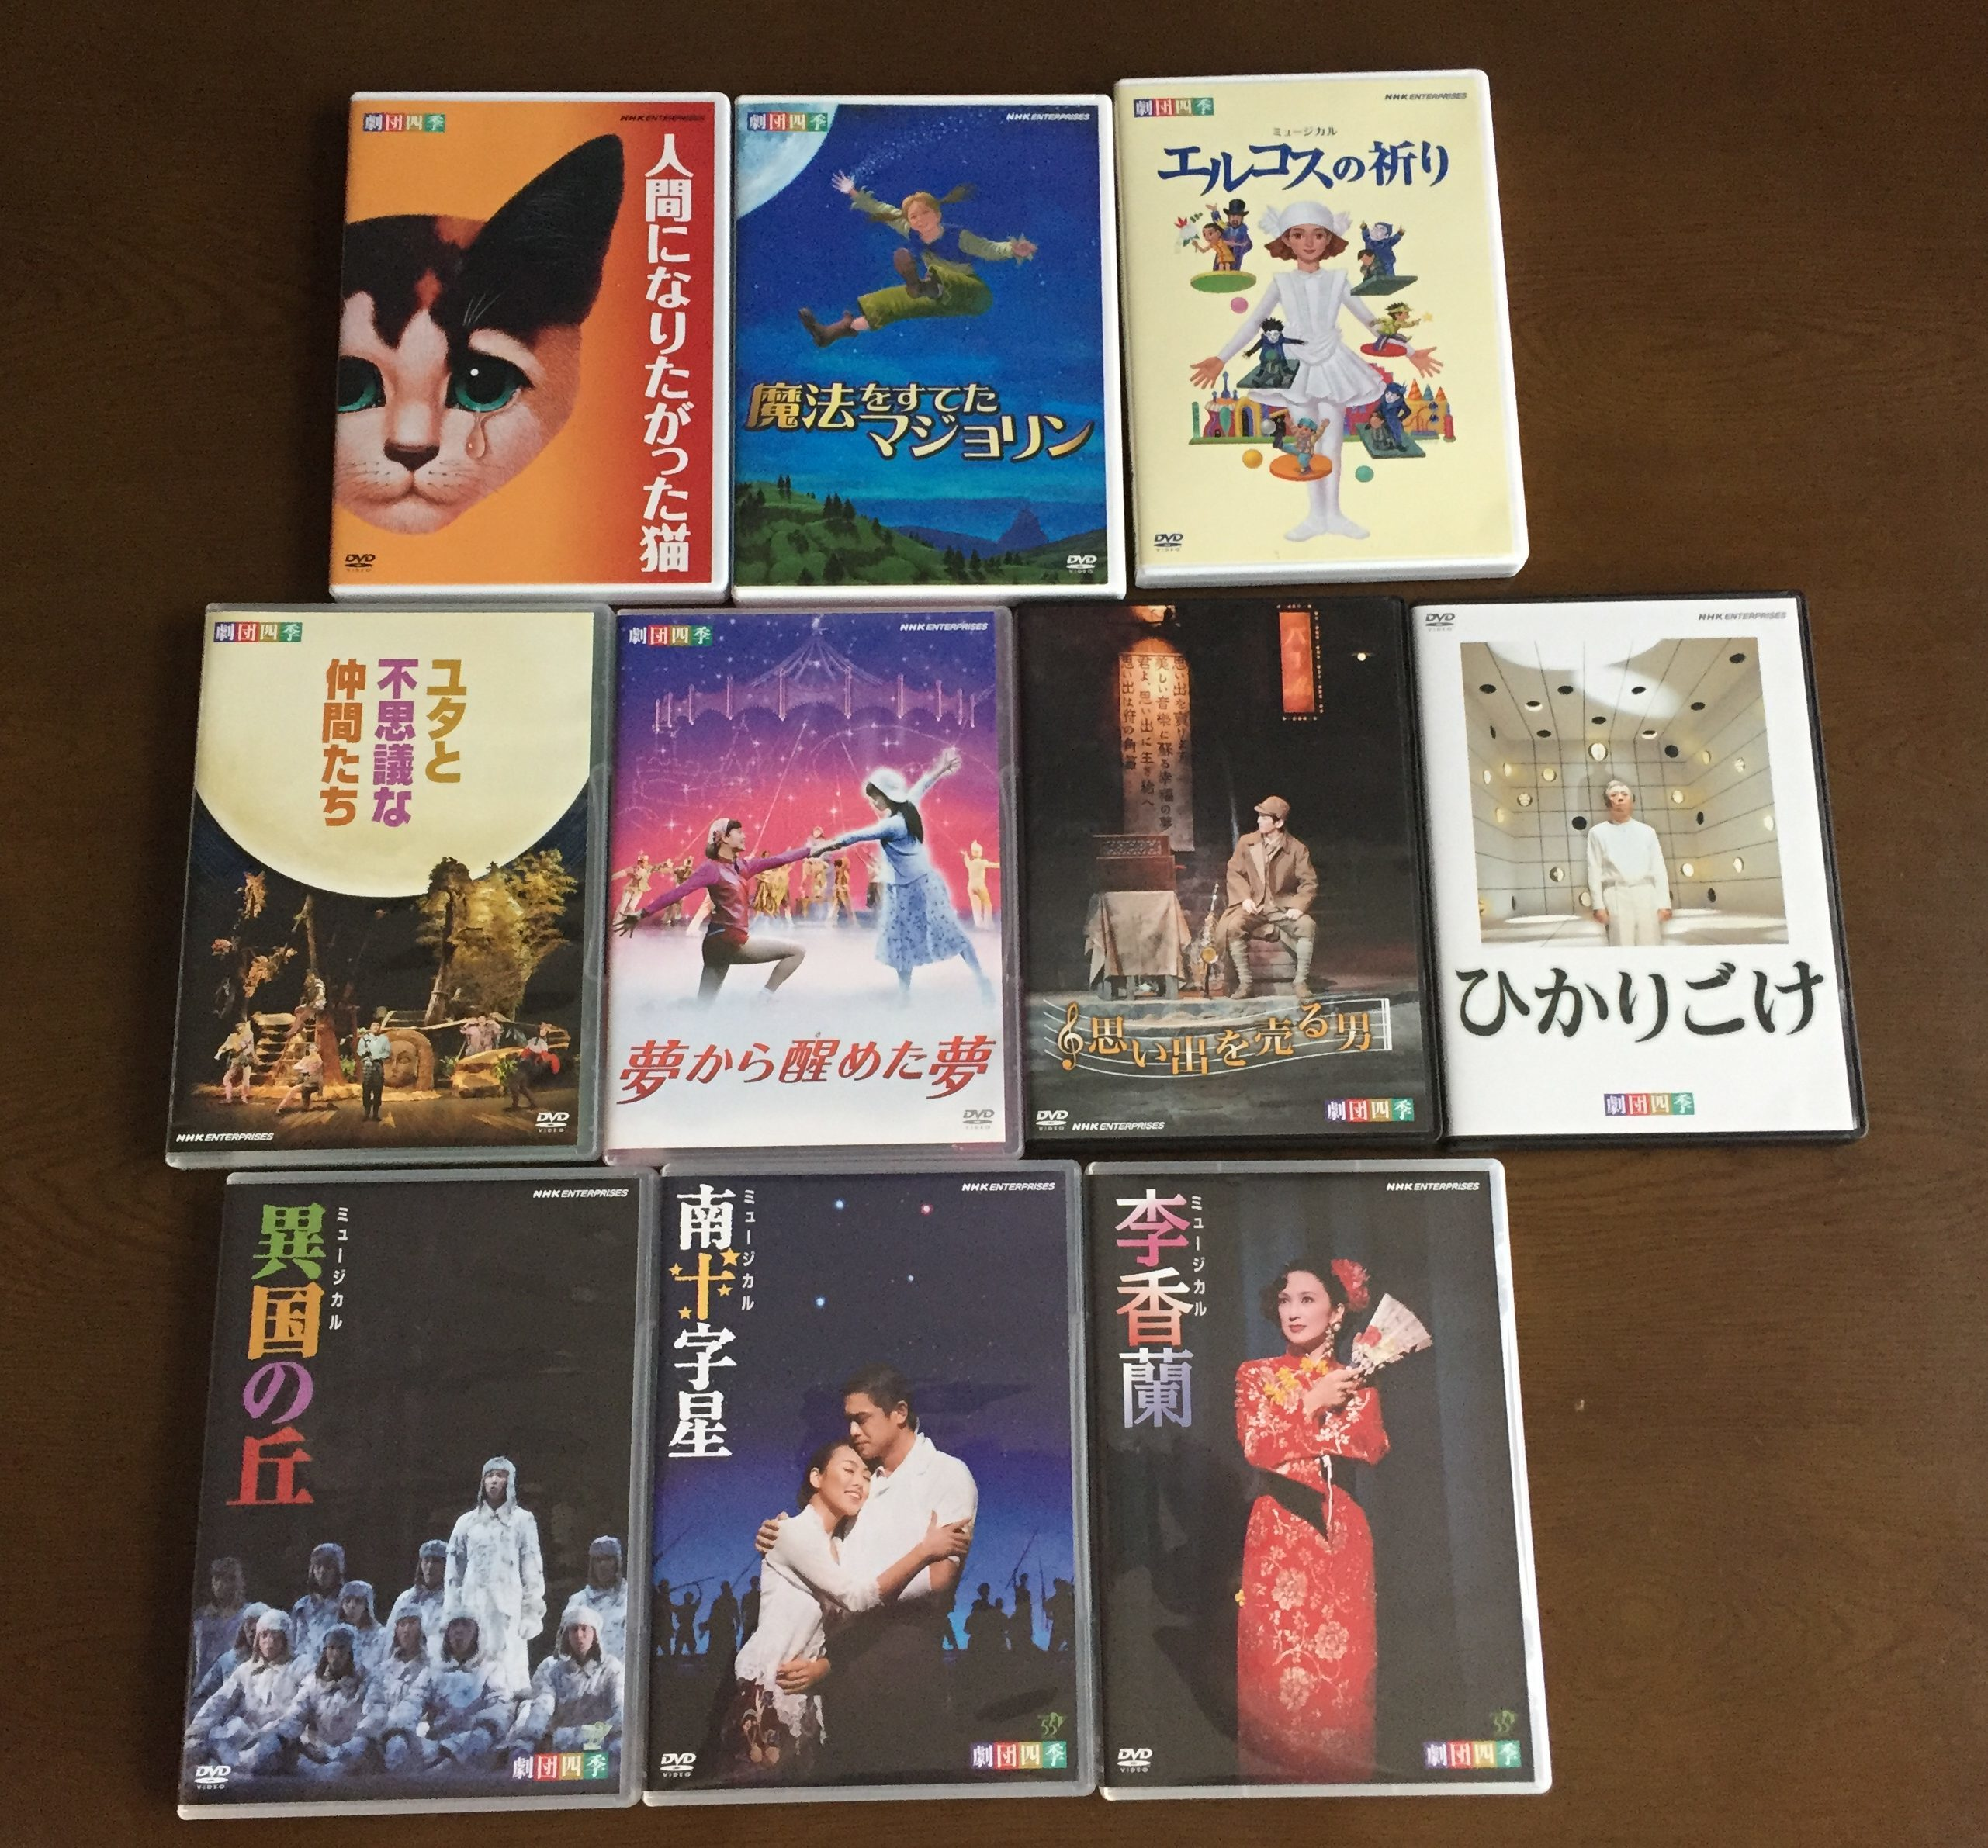 劇団四季「昭和の歴史三部作」が泣ける・・・。ディズニーも良いけれど、オリジナル作品も見て欲しい